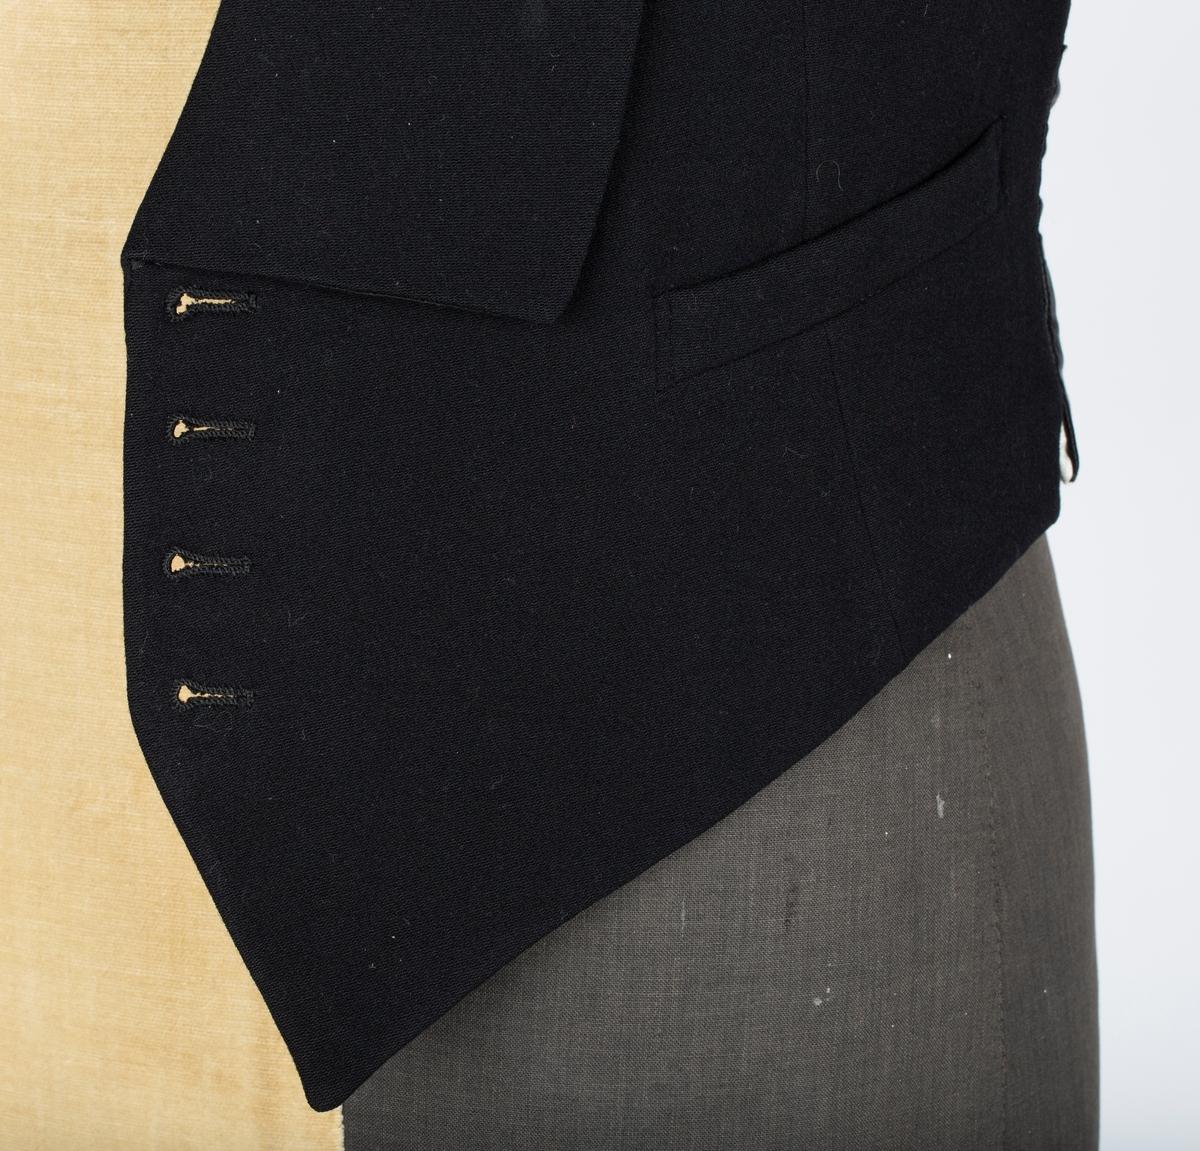 Smoking. A: jakke. B: Vest. C: Bukse. Skreddersøm eller konfeksjon.  A: Jakken  Enkeltspent, lukkes med 1 knapp. Slag trukket med satinvevet silke.  2 Stikklommer, 1 brystlomme. 1 innerlomme på høyre side. Foret med diagonalvevet sort forsilke; i armmene hvitt satinvevet for  B: Vest  Enkelspent,. Lukkes med  4 knapper. 2 stikklommer. Langt slag ender i en spiss. 2 stikklommer. Foret med satinvevet hvitt stoff.  C: Bukse Bukse. Knappet gylf 5 jnapper, Legg ved linning. Stikklommer i siden, 2 baklommer. Oppbrett og pyntebånd. Brede bukseben med legg. 4 knapper i linning til bukseseler. Sekundært er buksen sydd inn i sømmen bak og bukseben forkortet med legg nederst (under oppbrett)   Båret av Kristian Hjallum under forlovelsesselskap med Ella Victoria Hagen. se fhm.10455